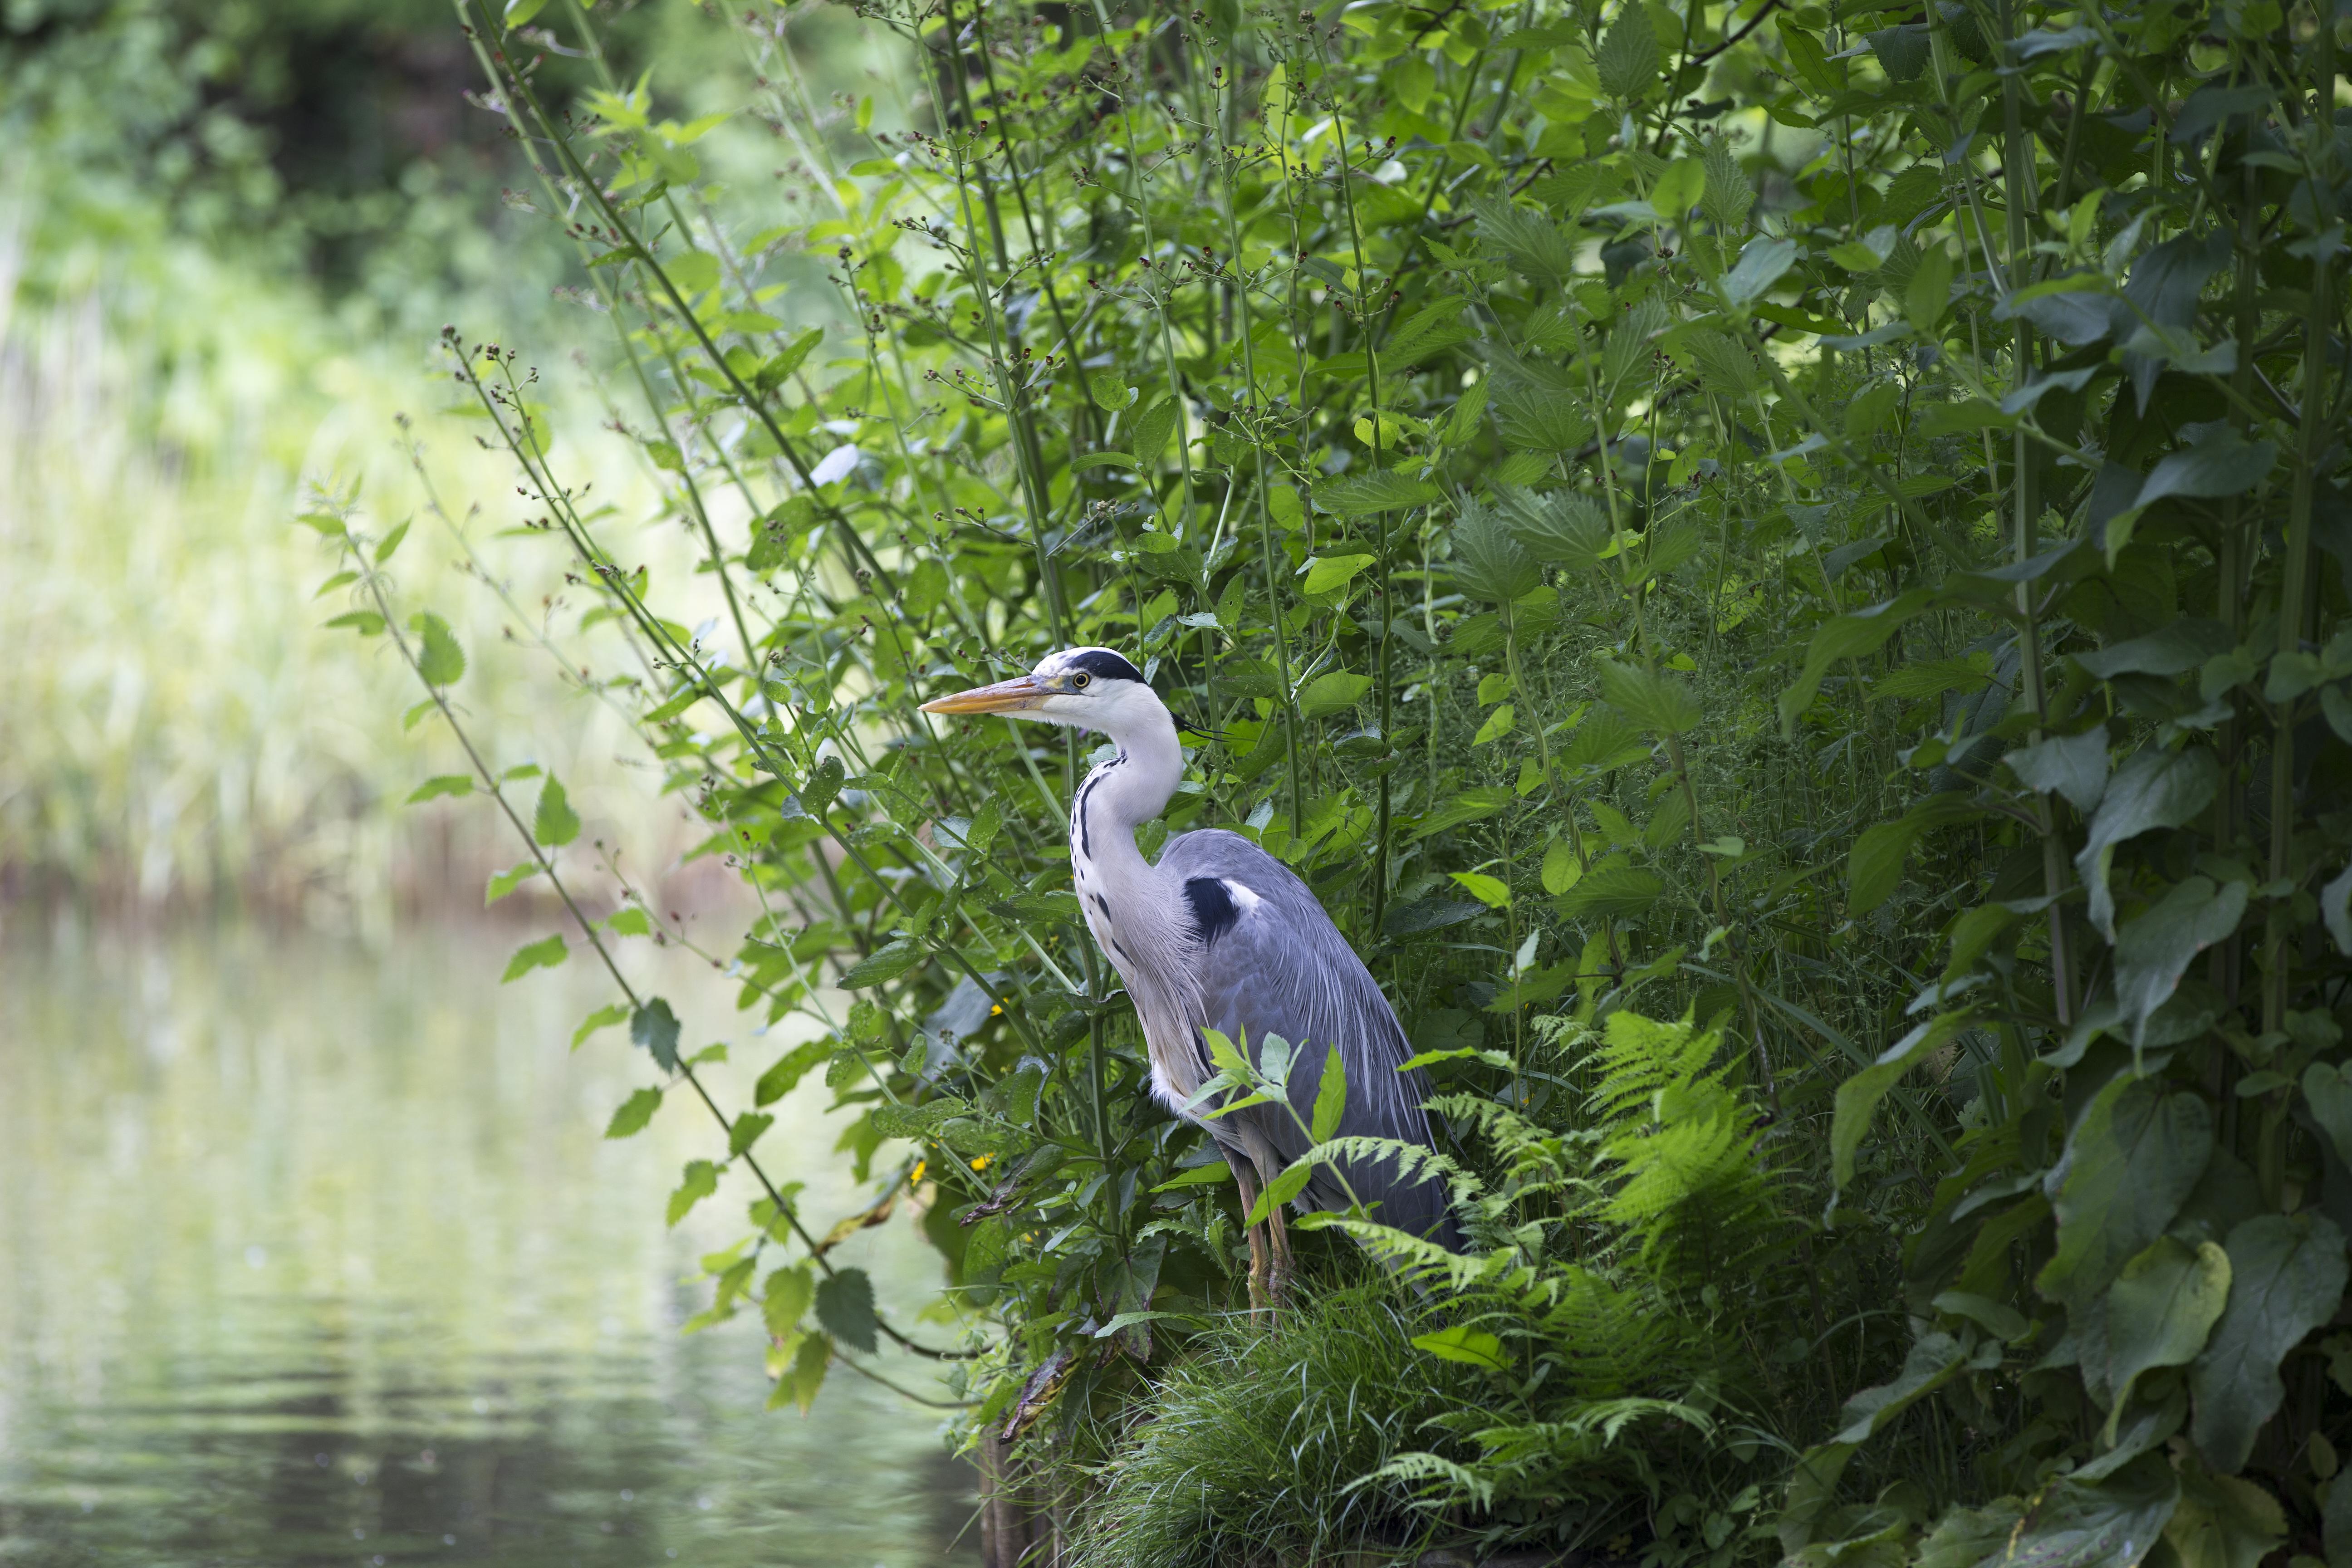 Grey Heron Stalking